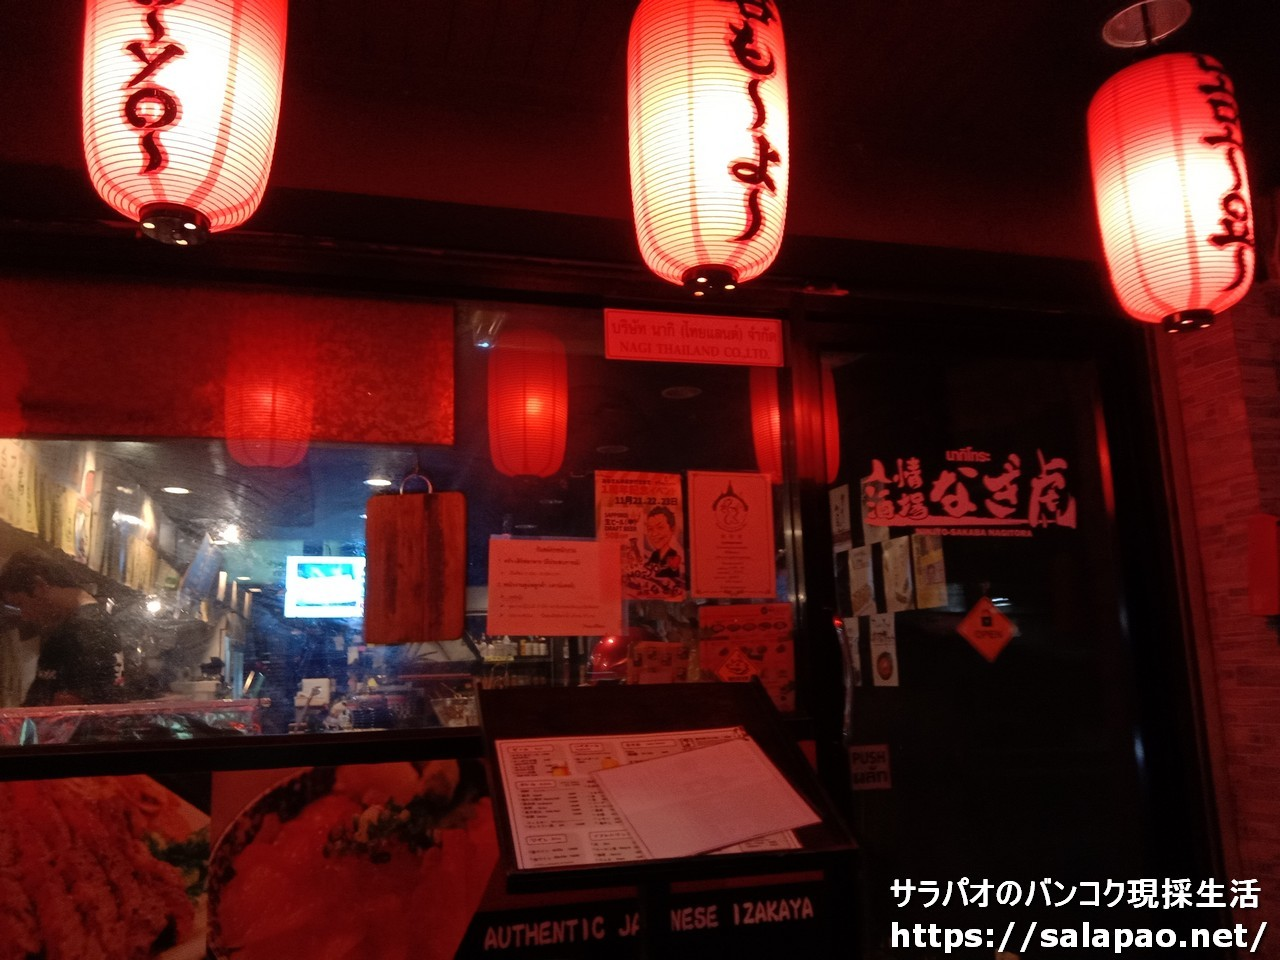 バンコクでおすすめの日本式居酒屋20選! 2021年版